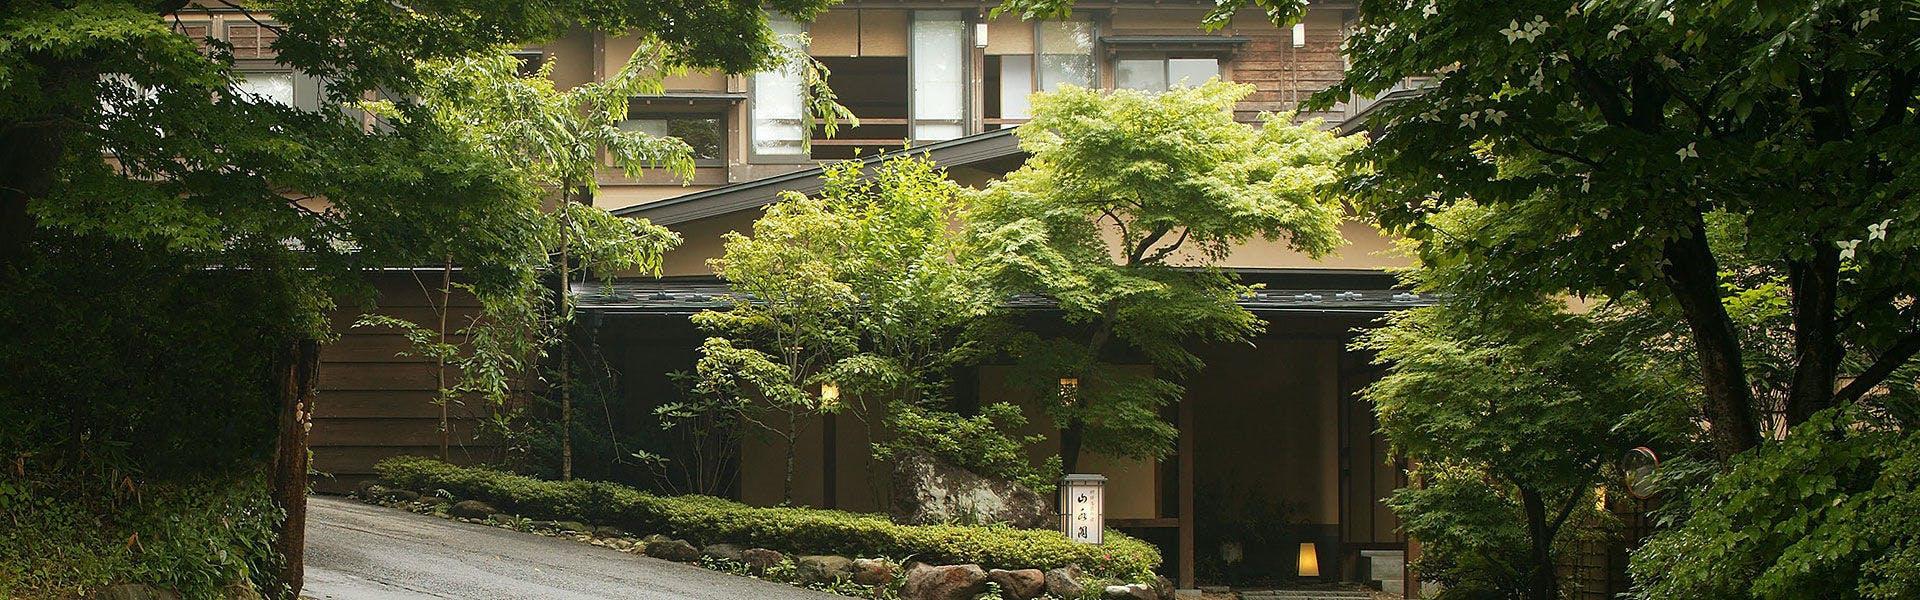 記念日におすすめのホテル・那須高原の宿 山水閣の写真1